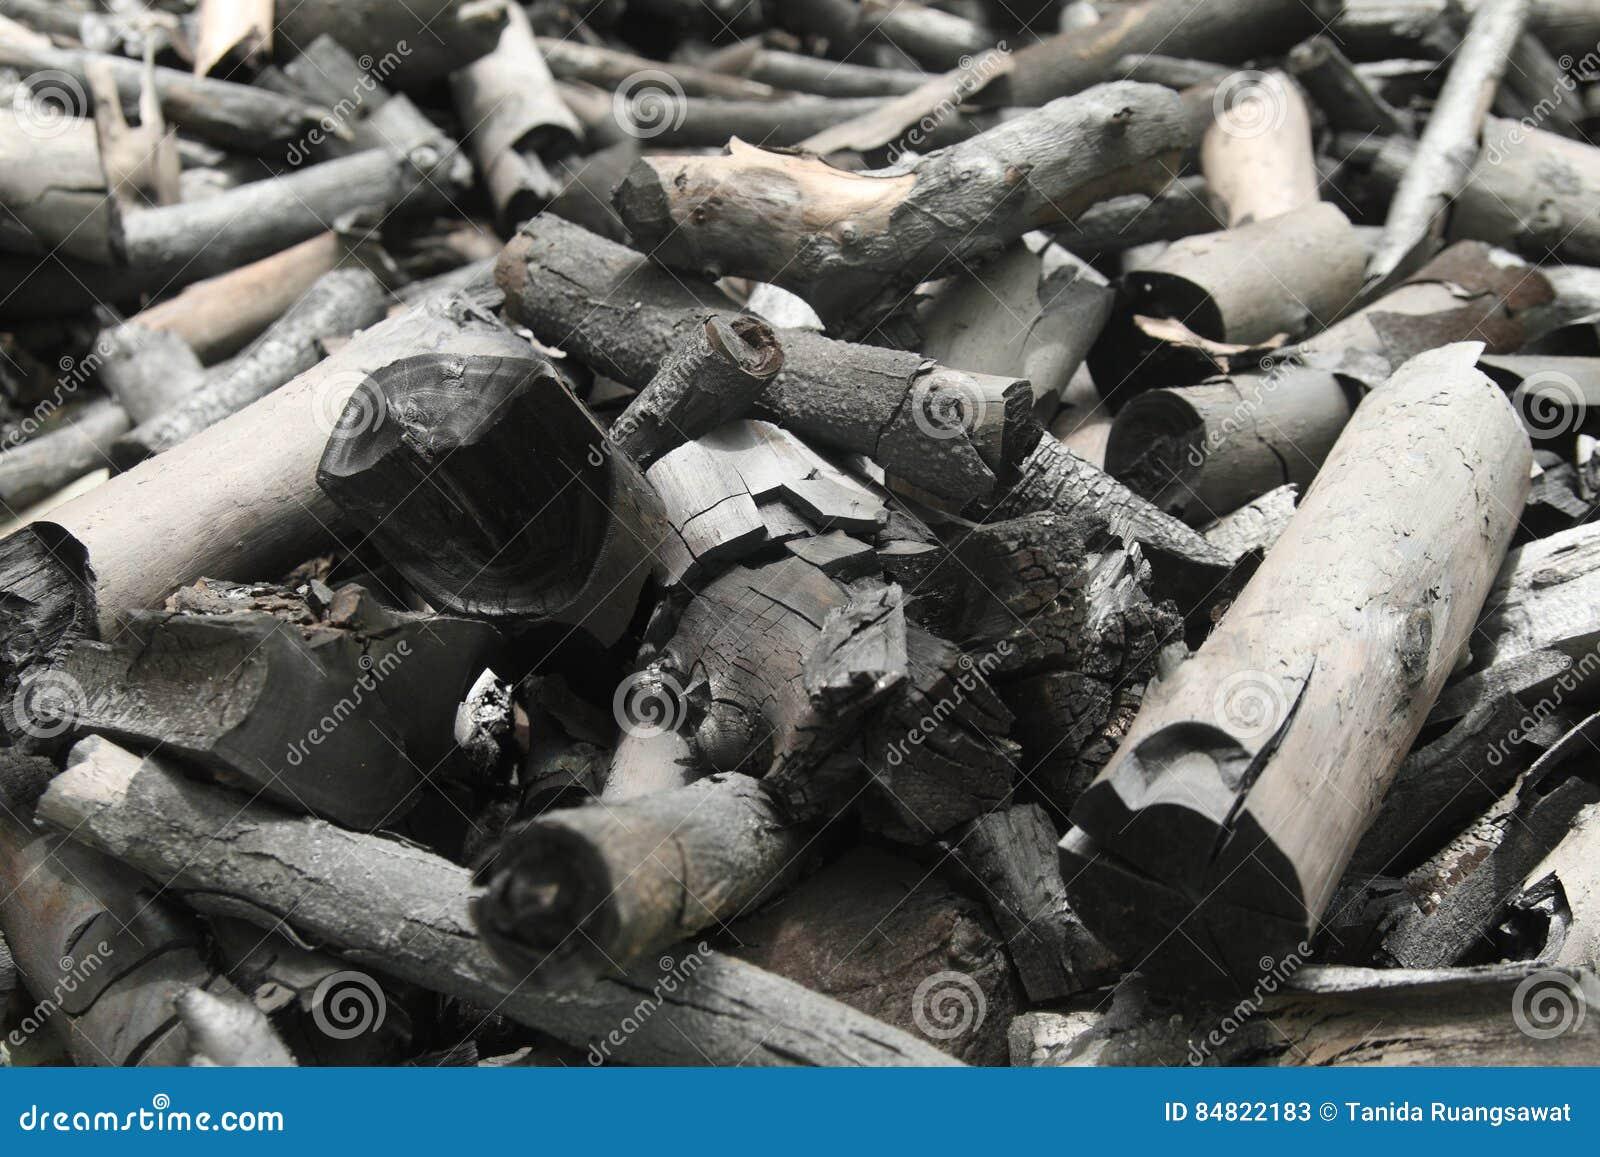 Velen zwarte houtskool maken van hout